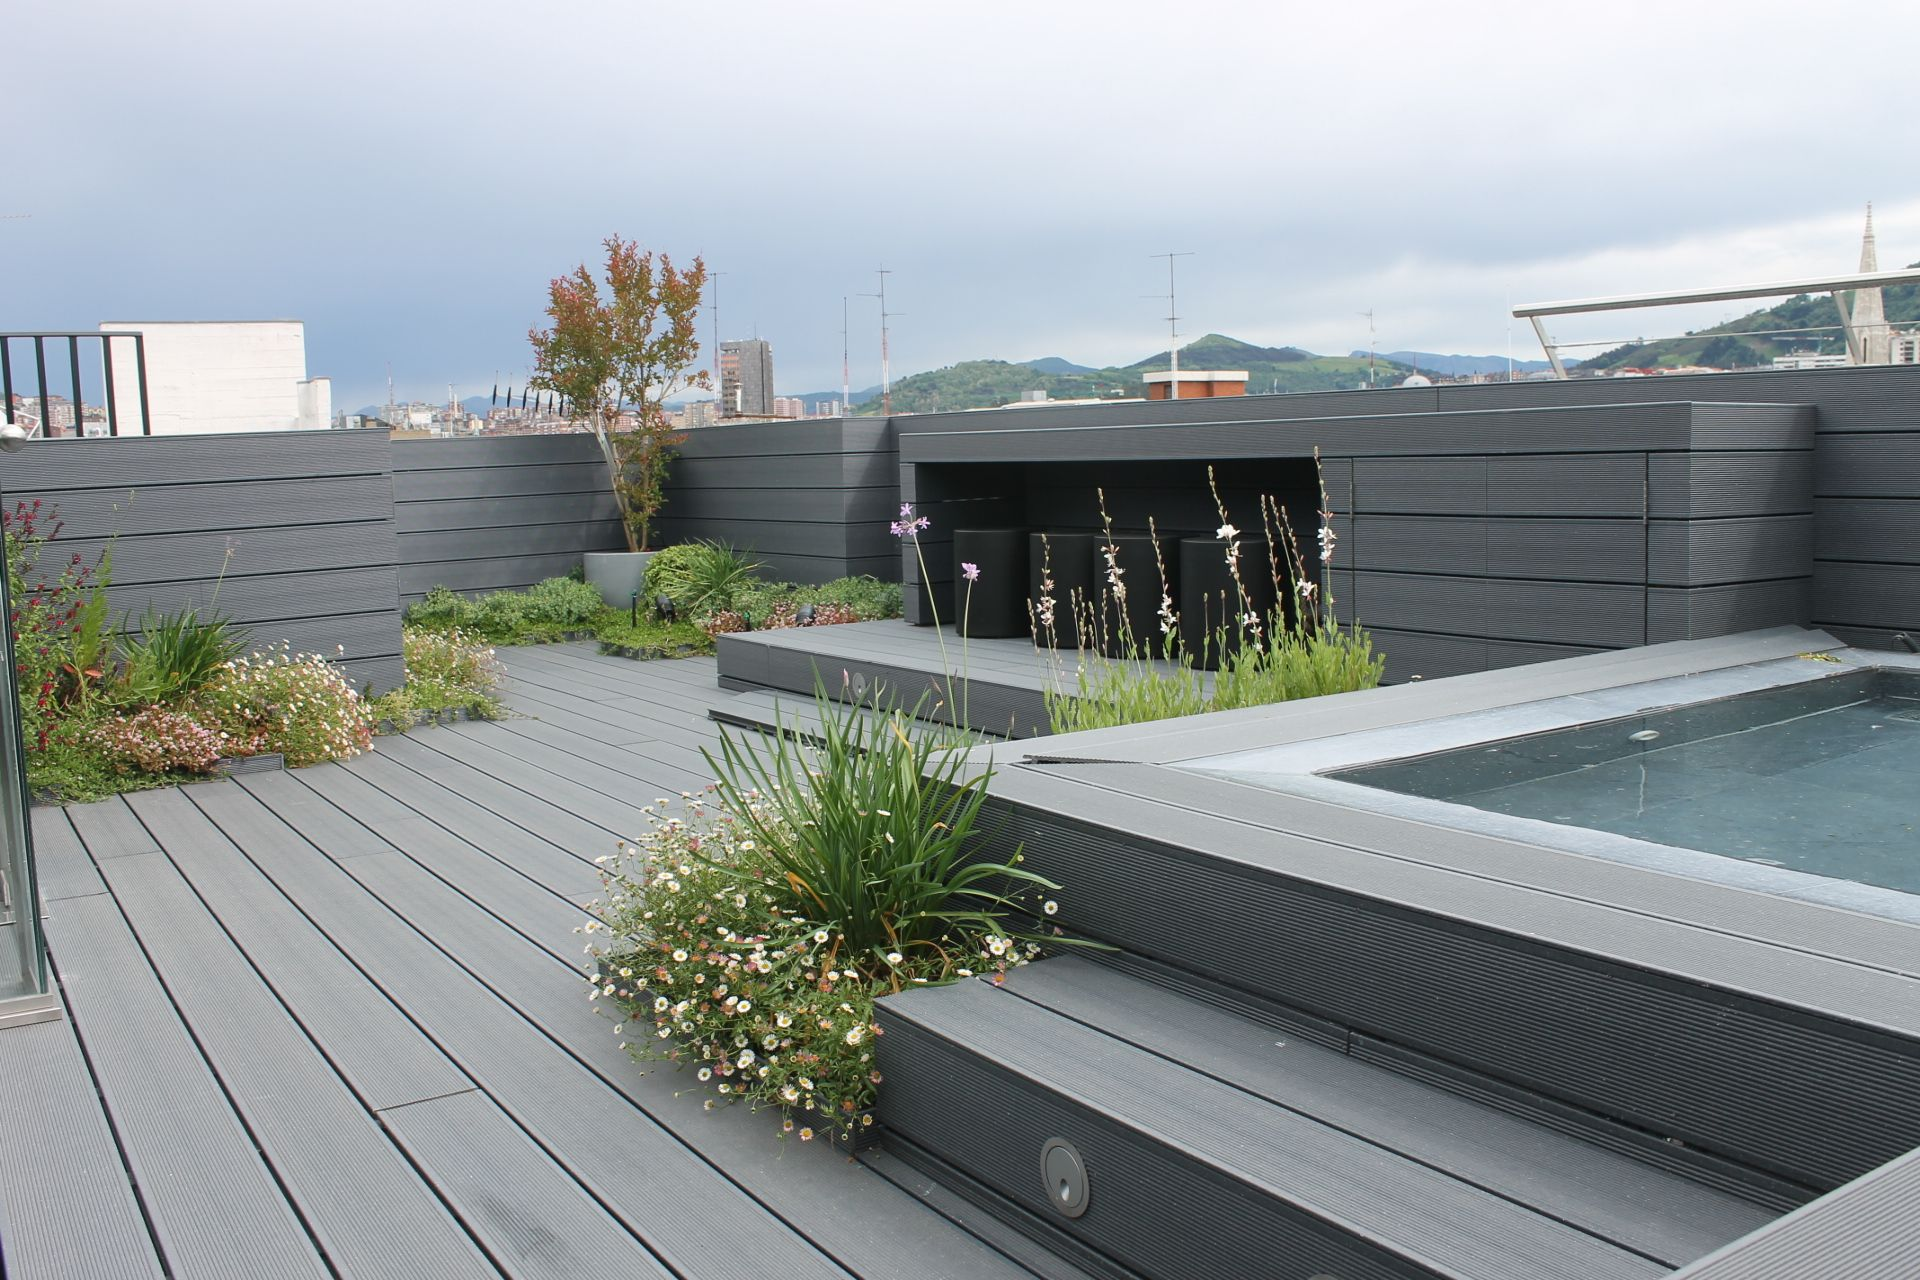 Dise o de tico moderno madera piscina paisajismo pia for Paisajismo para piscinas